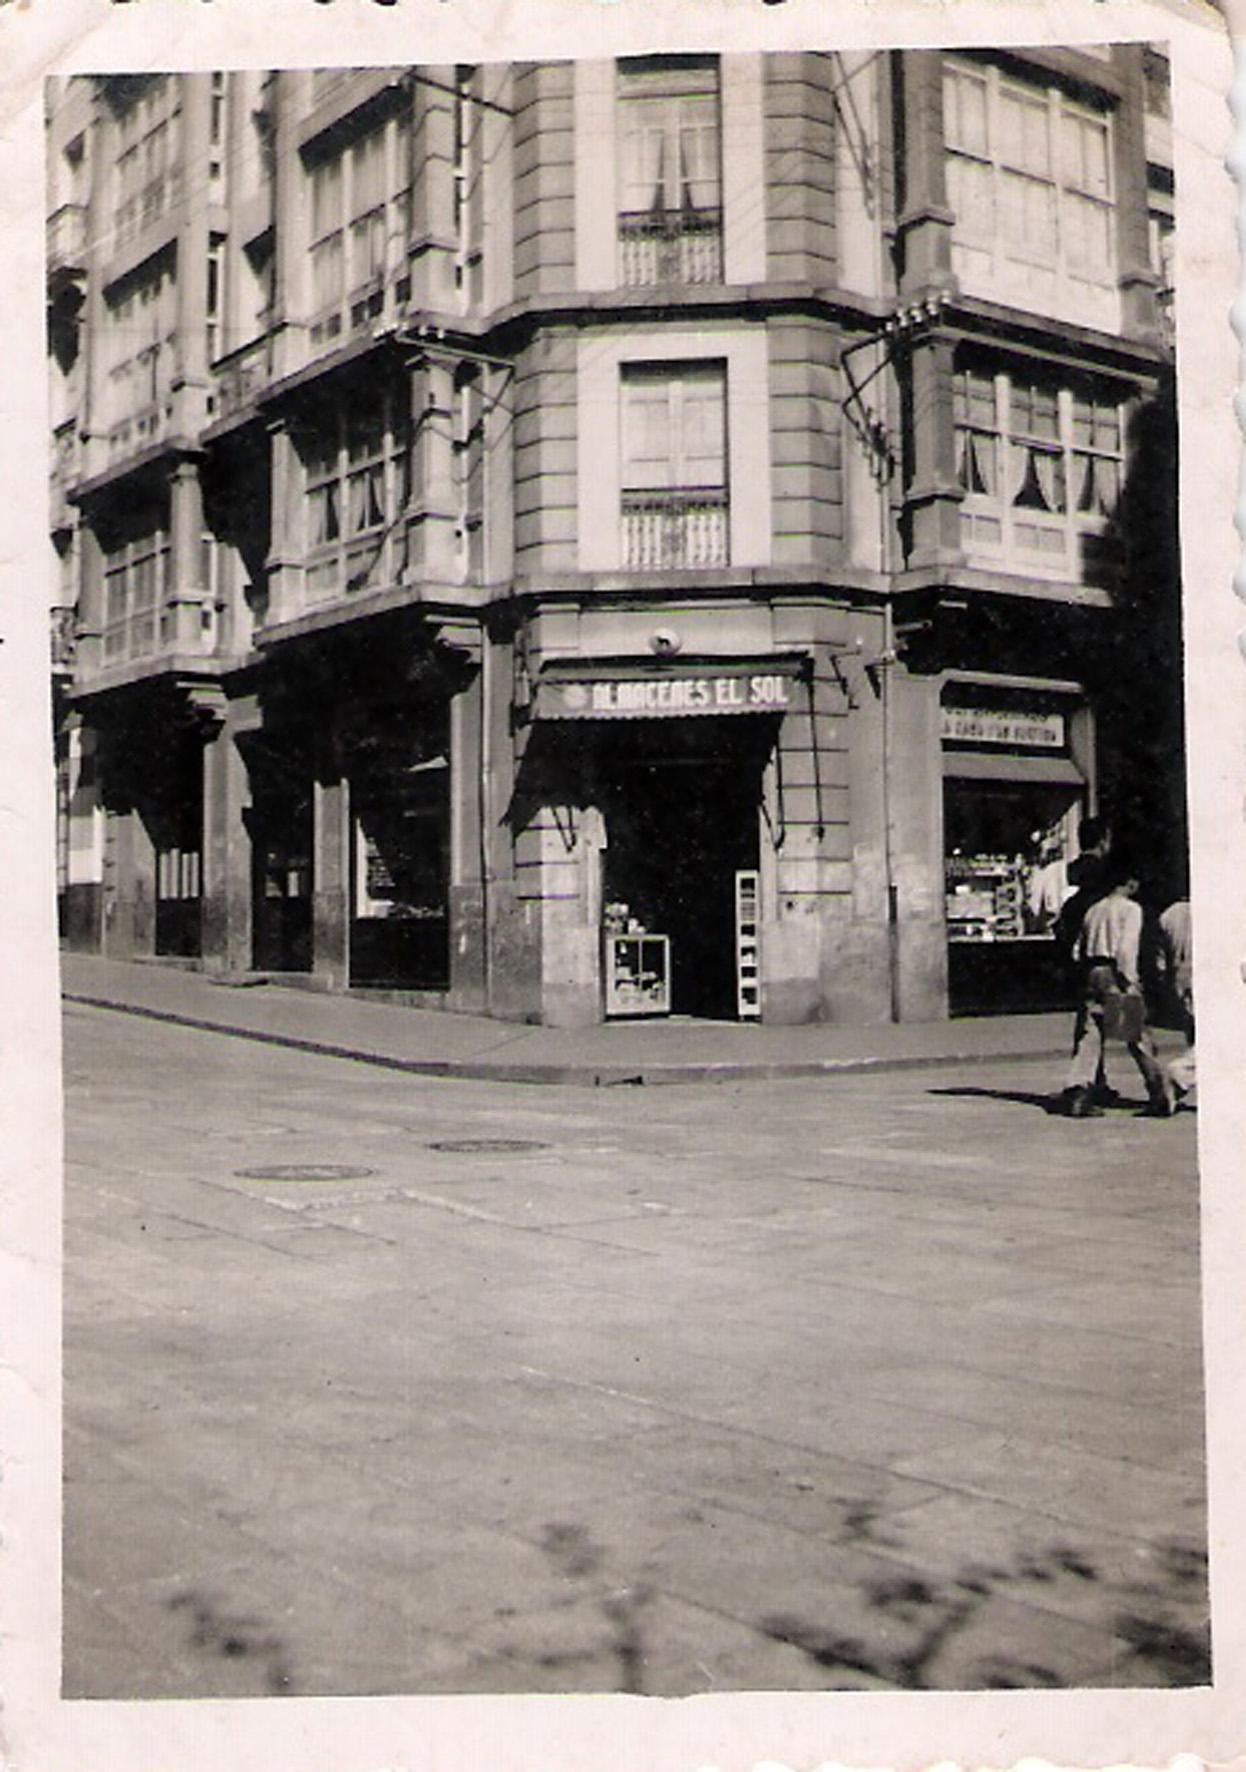 Almacéns El Sol, Praza de Vigo, A Coruña, anos 1940-50